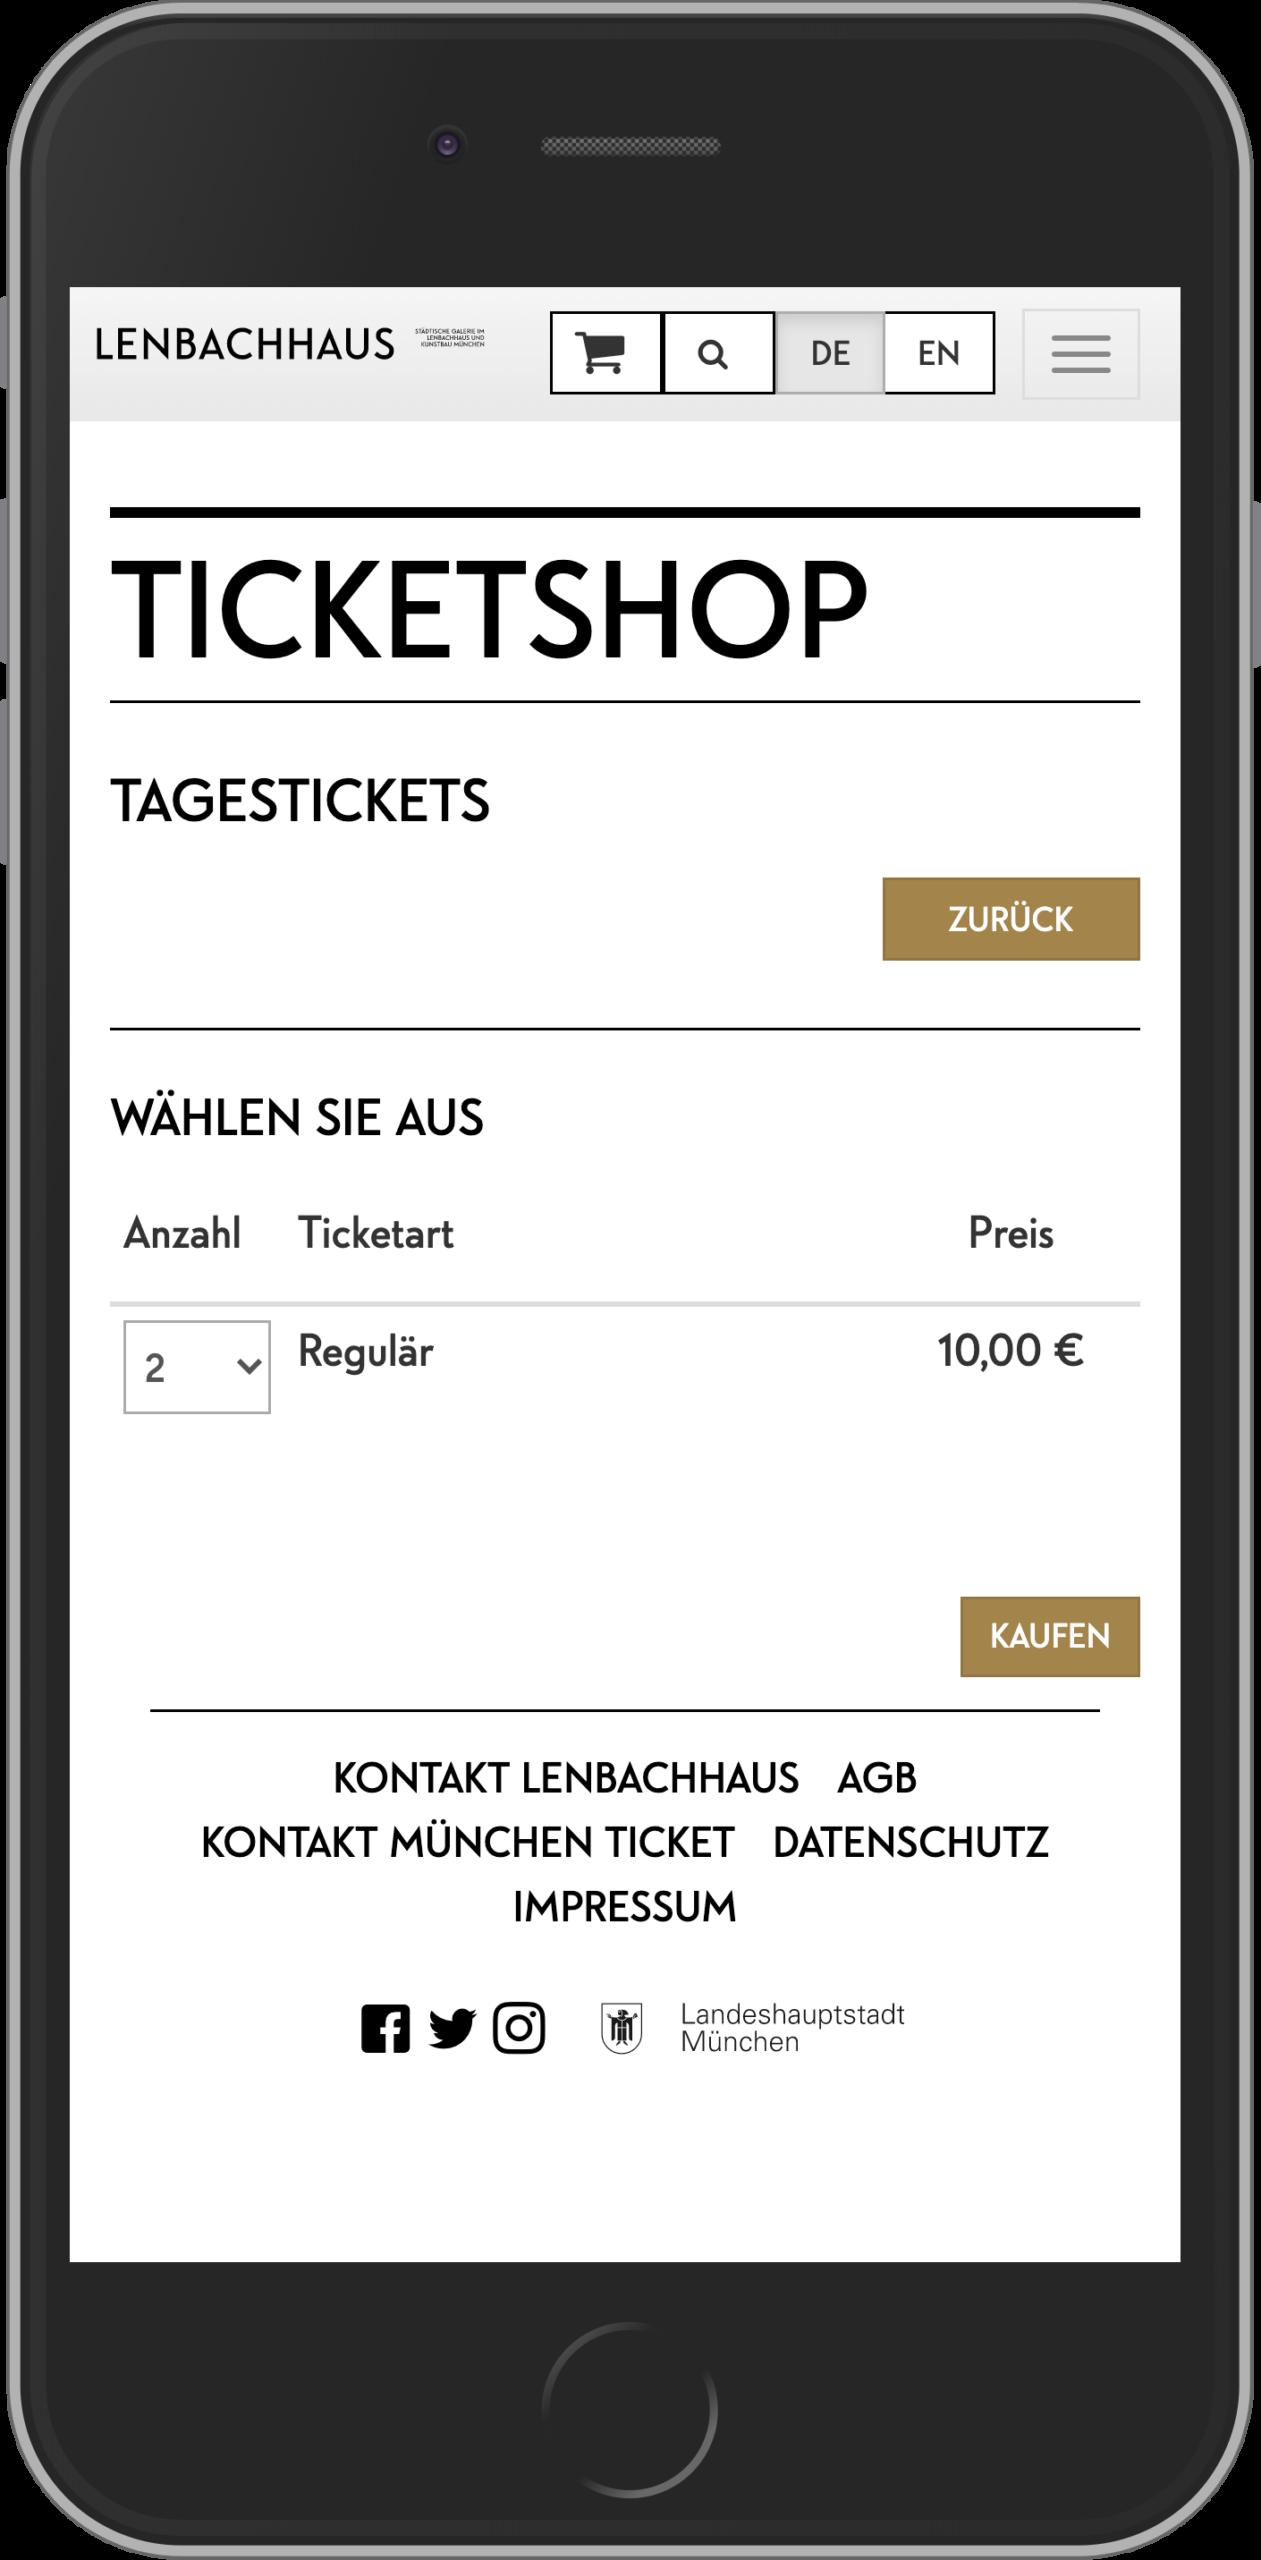 Mobile Ansicht der Ticketauswahl im Online Shop des Lenbachhaus